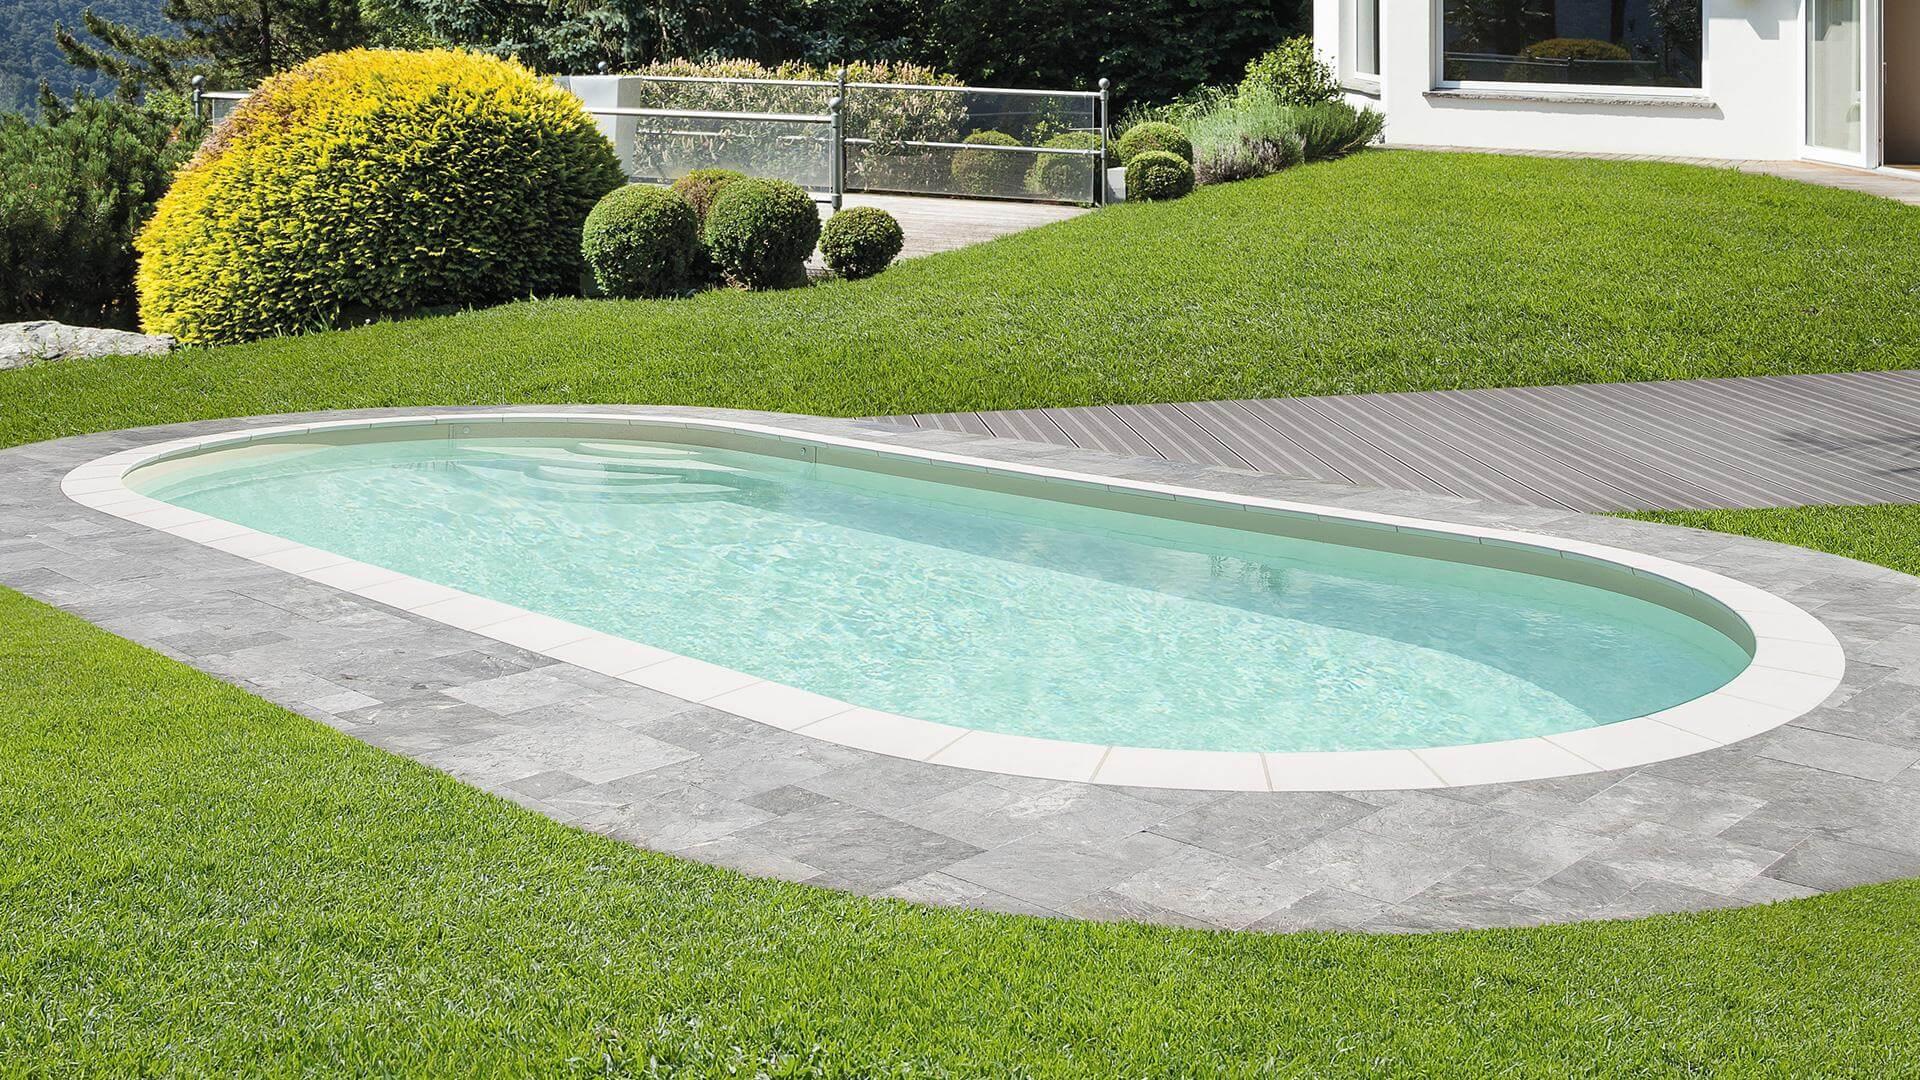 Ovaler Pool Elsa – ein Pool mit zeitlosem Design